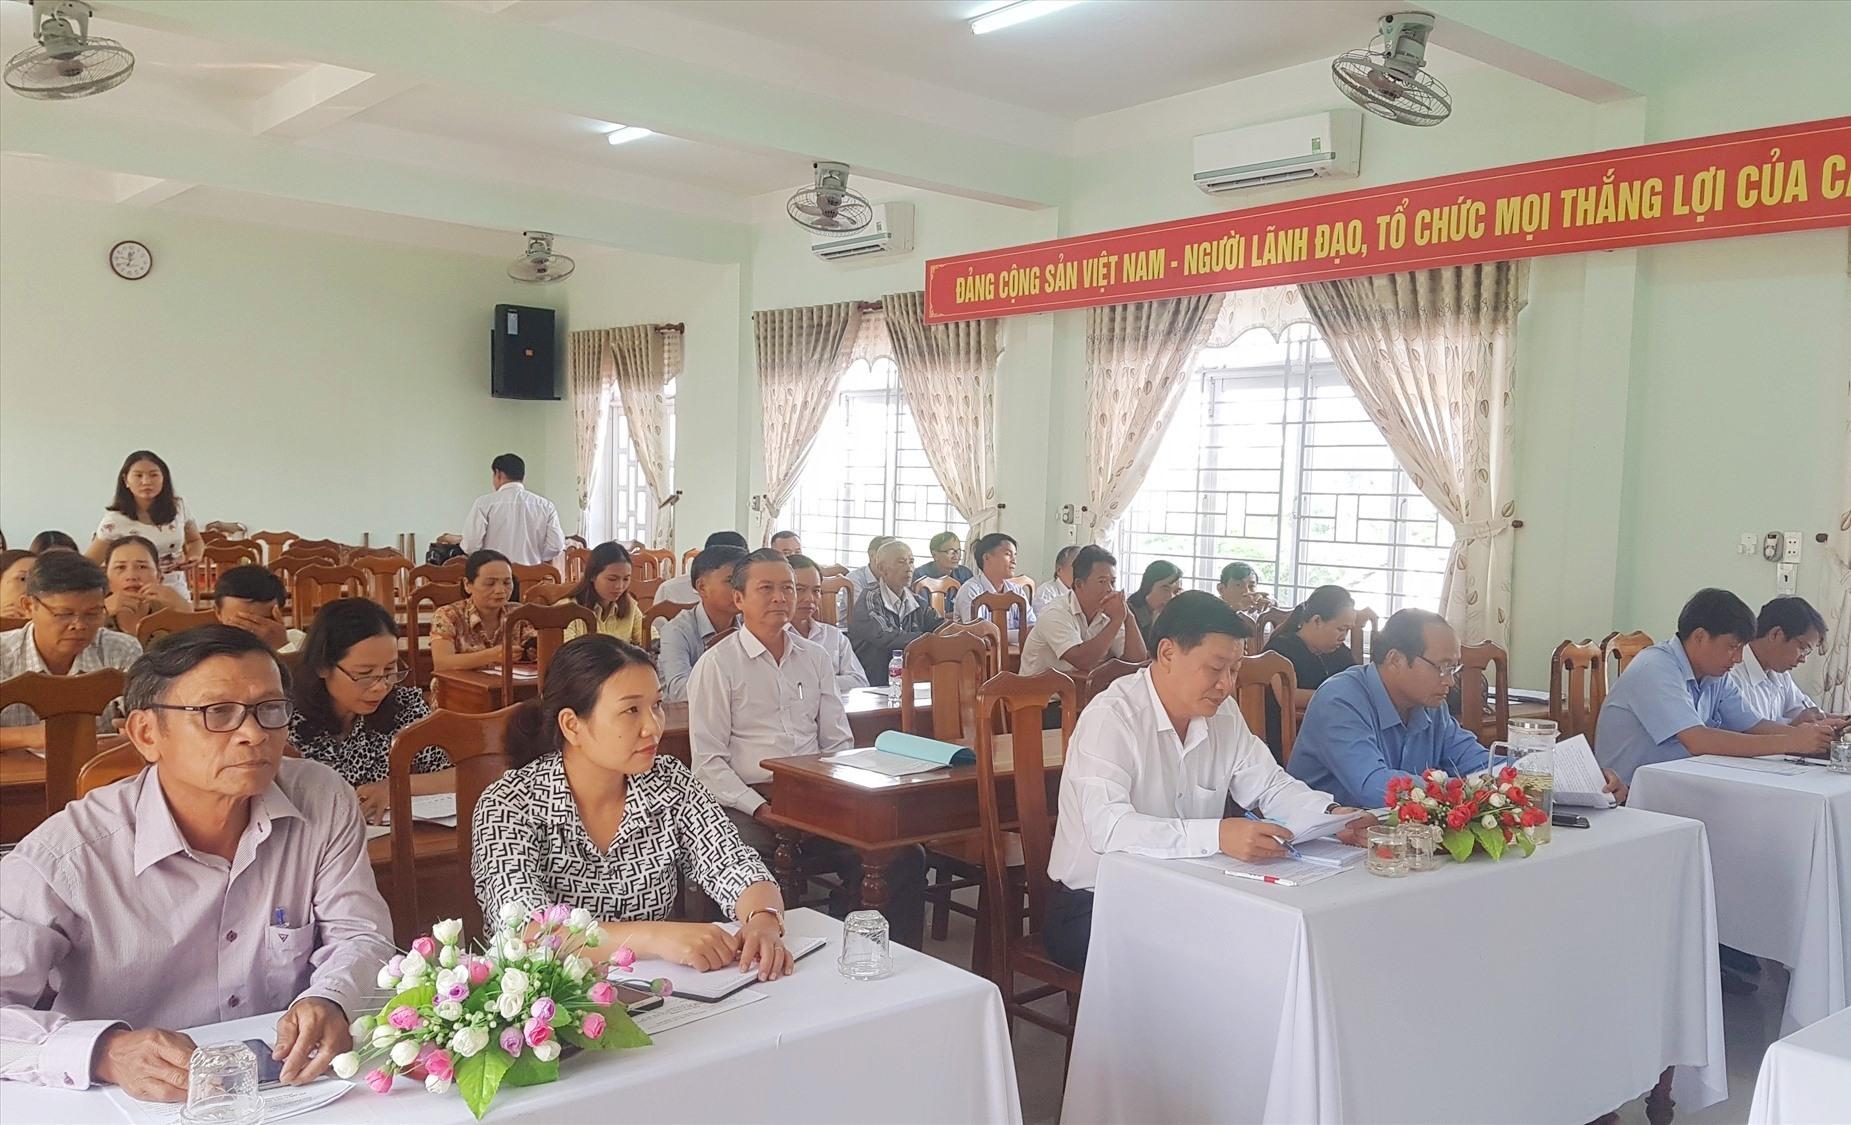 """Ủy ban MTTQ Việt Nam huyện Tiên Phước sơ kết phong trào thi đua """"Đoàn kết sáng tạo"""" vào sáng nay."""